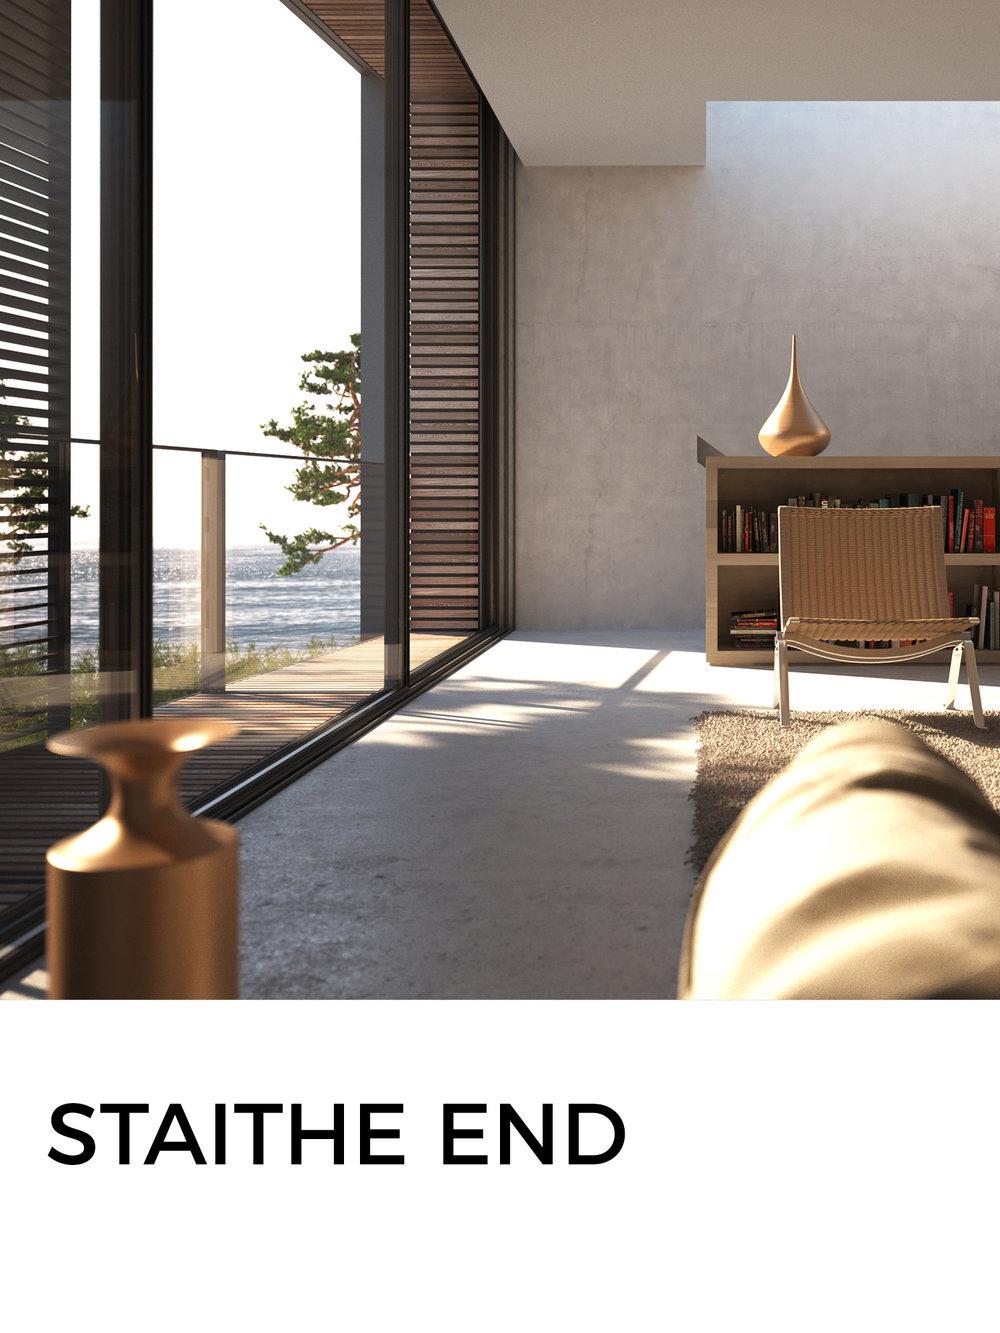 STAITHE END